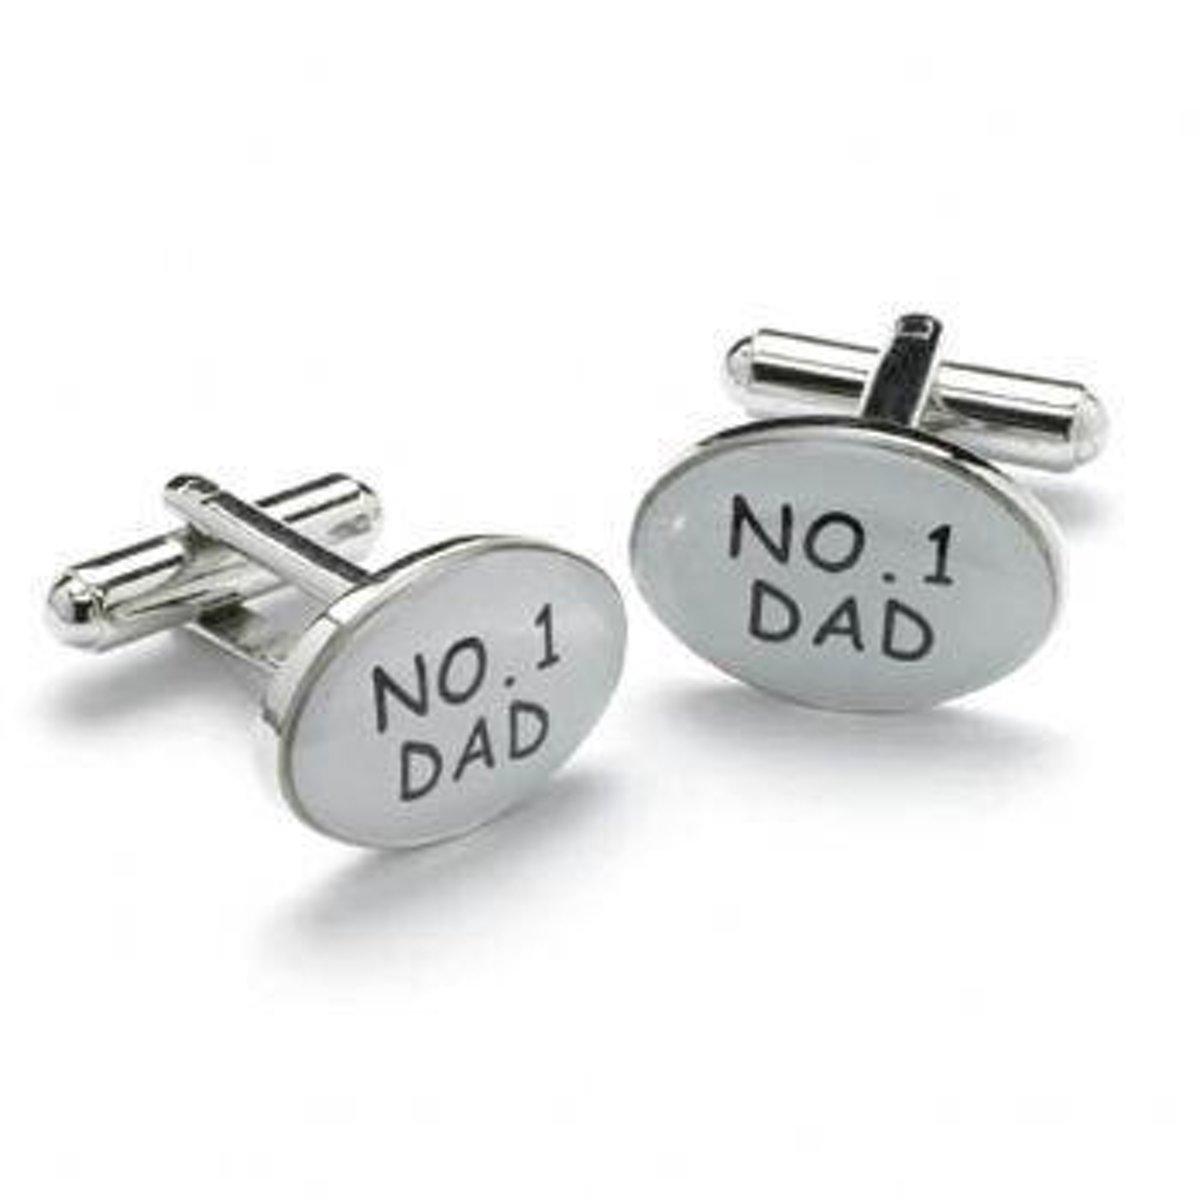 Manchetknopen NO 1 Vader kopen